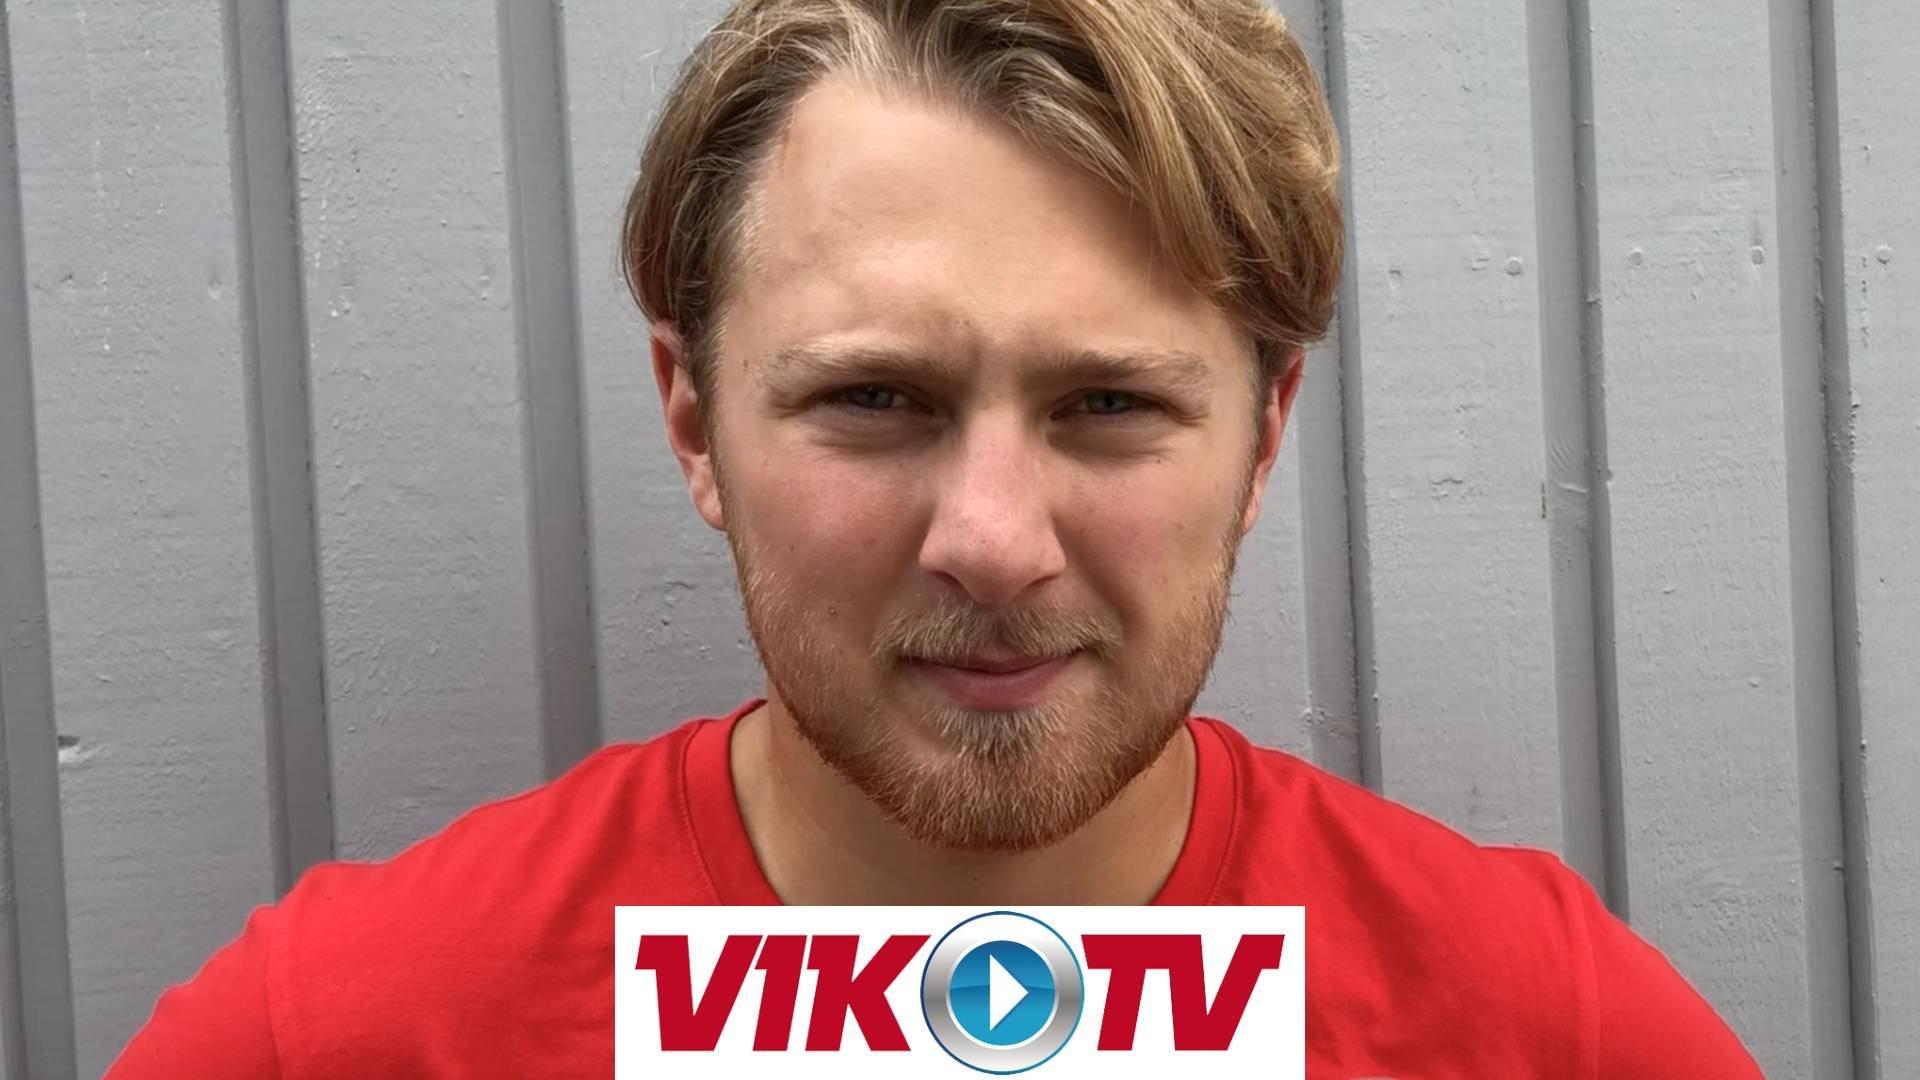 Intervju med Olofsson